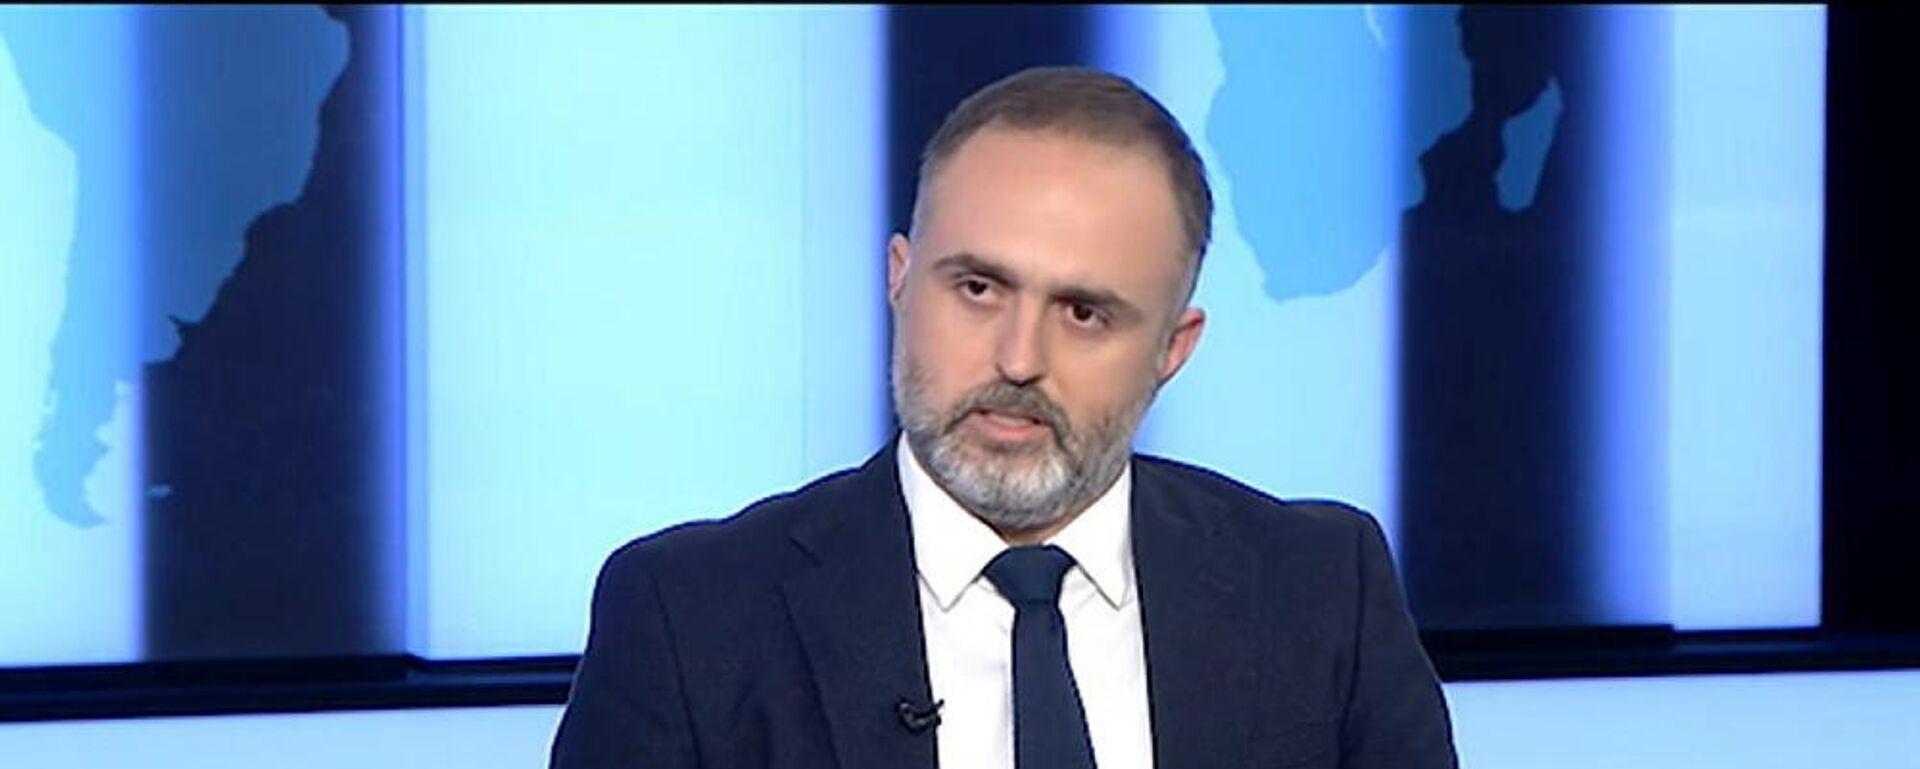 Ο Αλέξανδρος Κούκιος, συνήγορος 36χρονου στην υπόθεση της επίθεσης με βιτριόλι εναντίον της Ιωάννας Παλιοσπύρου - Sputnik Ελλάδα, 1920, 30.09.2021